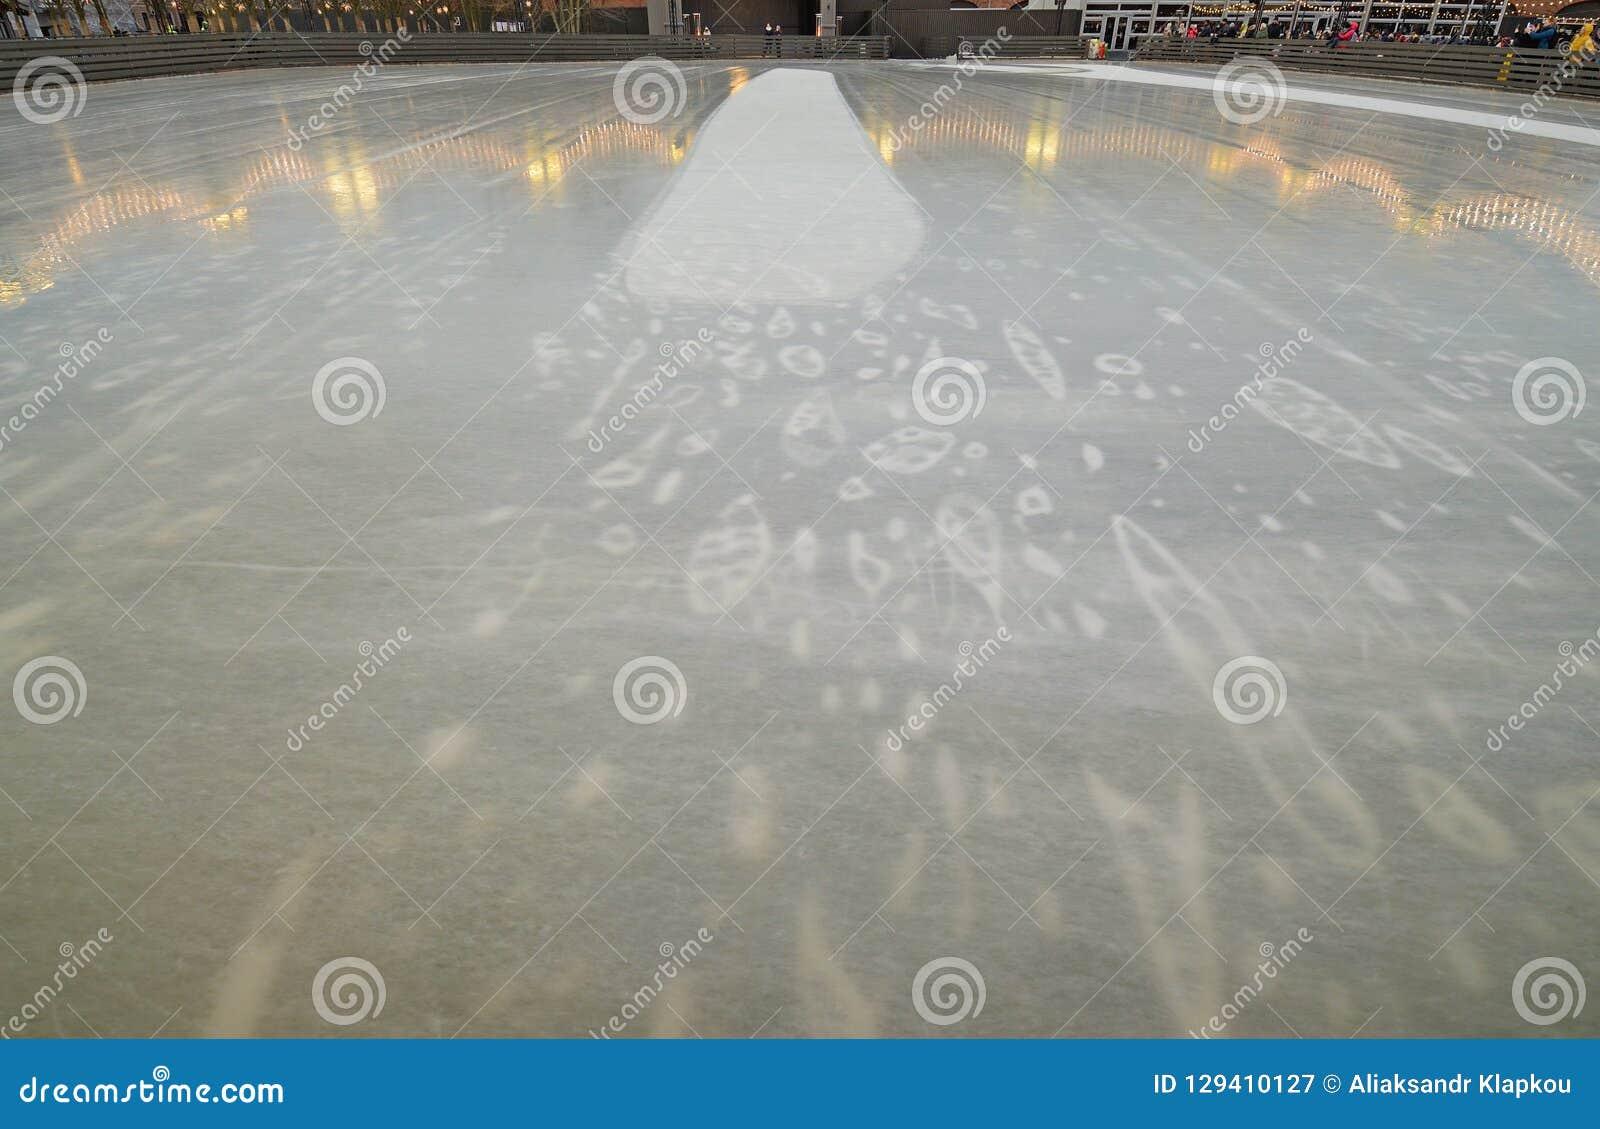 Lodowy lodowisko w mieście